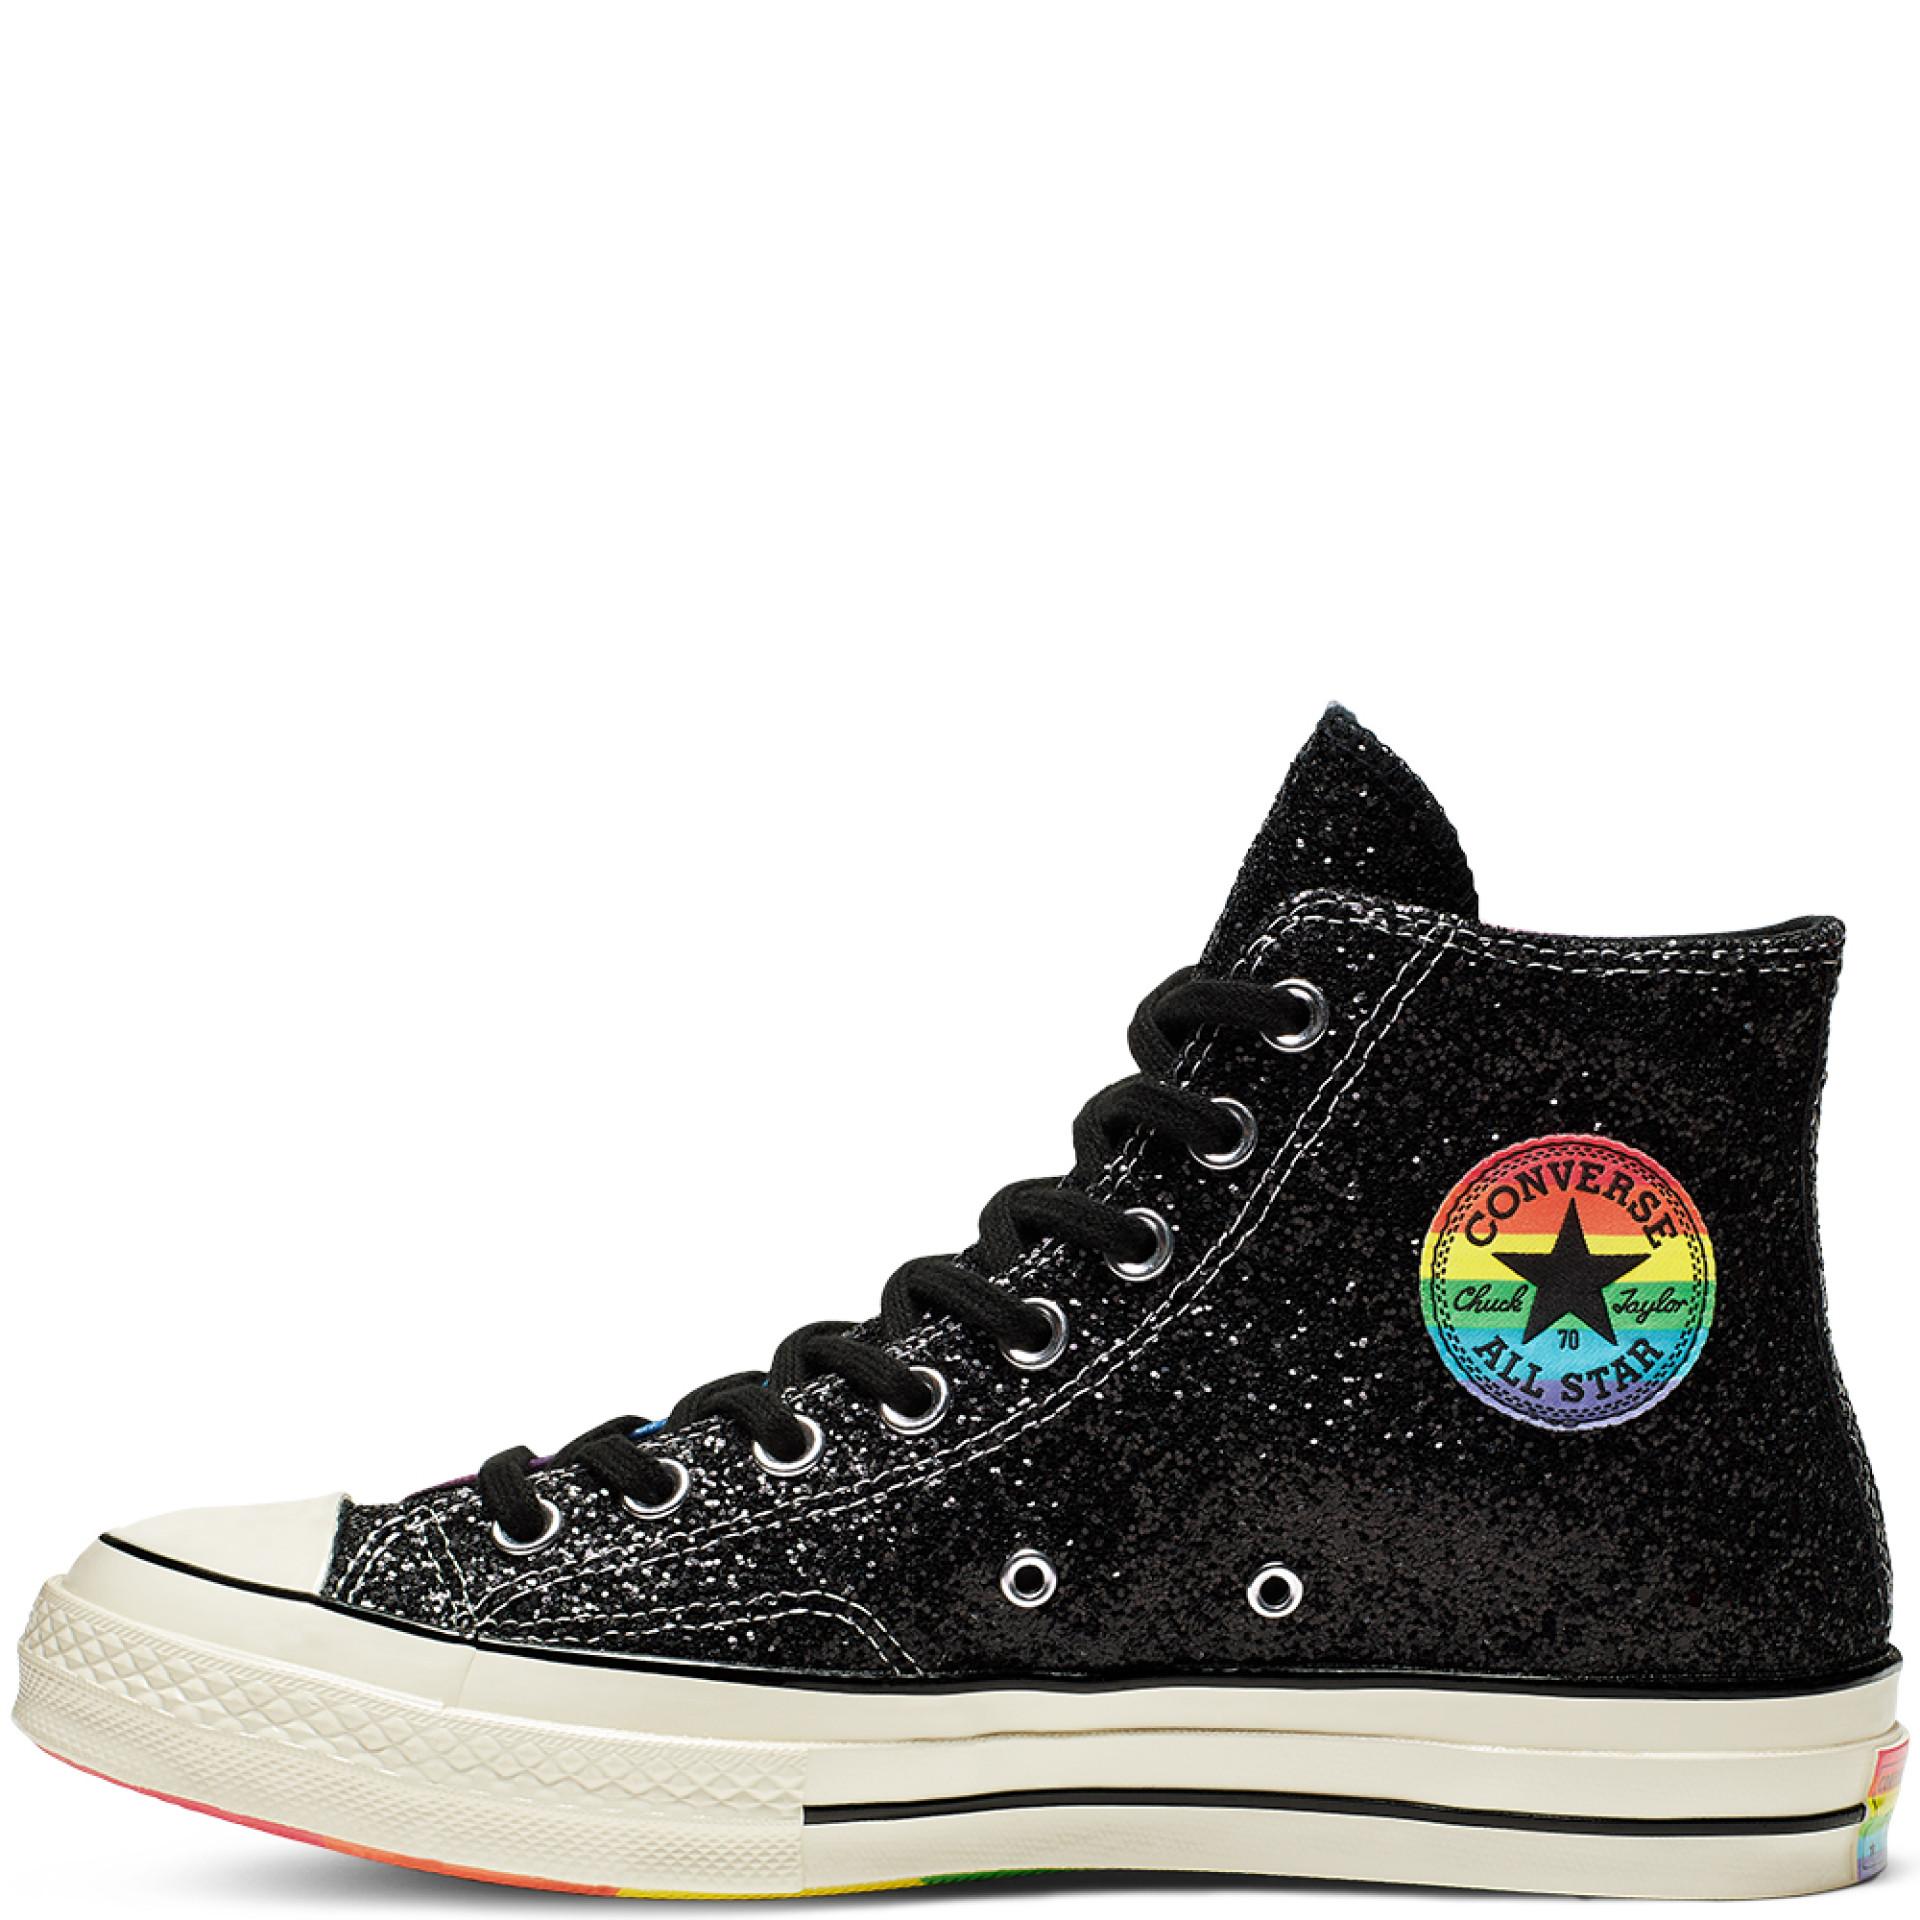 Rebeldia e originalidade: Converse celebra 50º Aniversário Pride